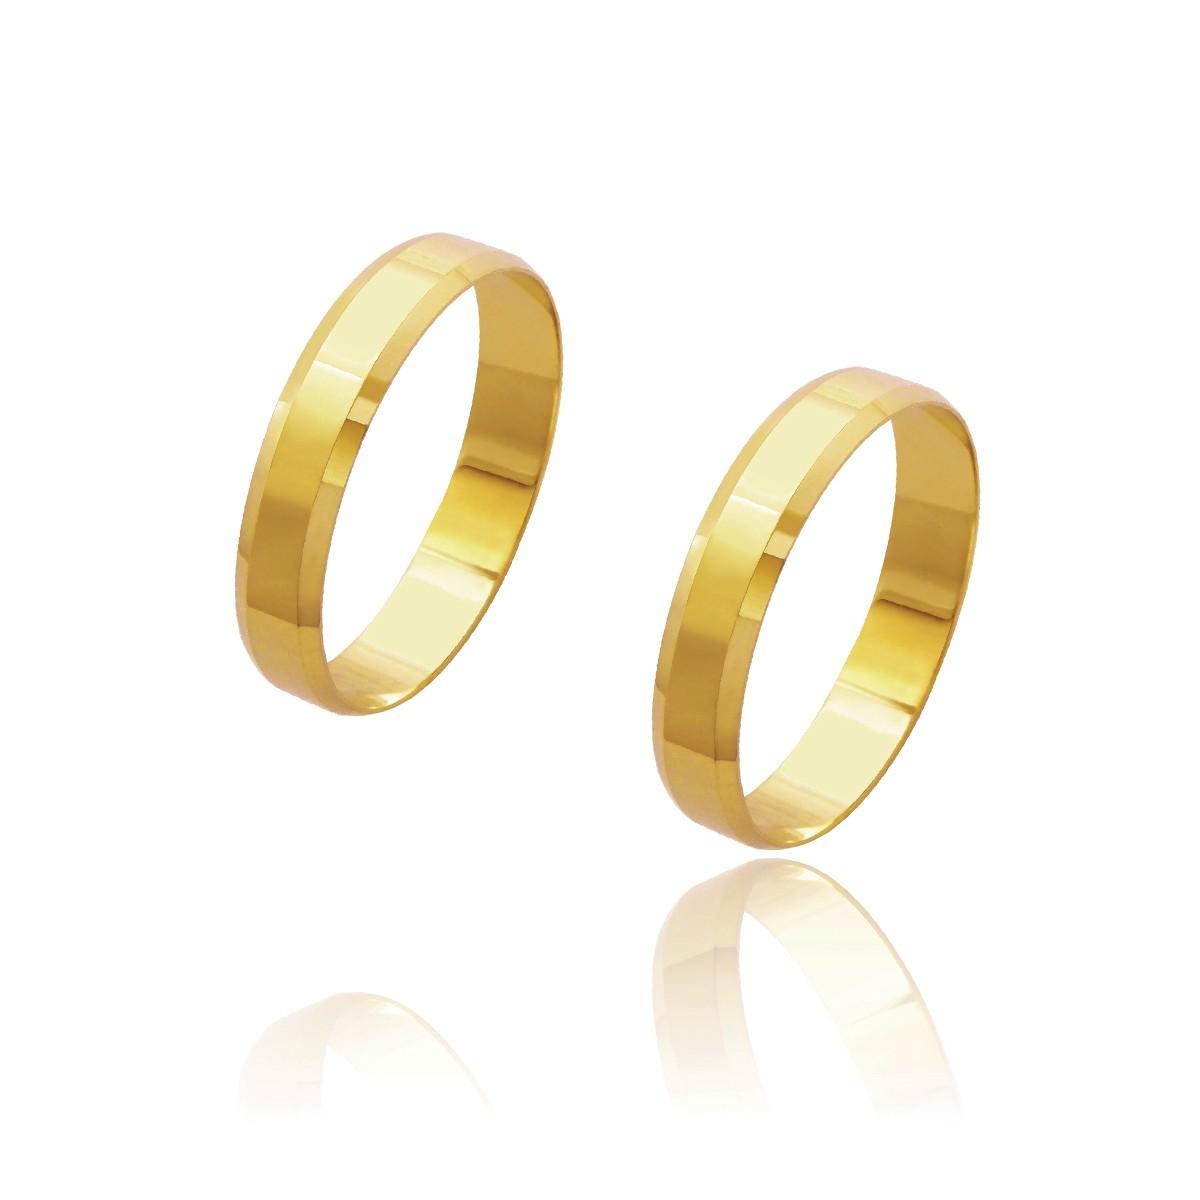 Par de Alianças de Casamento Cronos Ouro 18k Laterais Chanfradas 4mm 3,8g